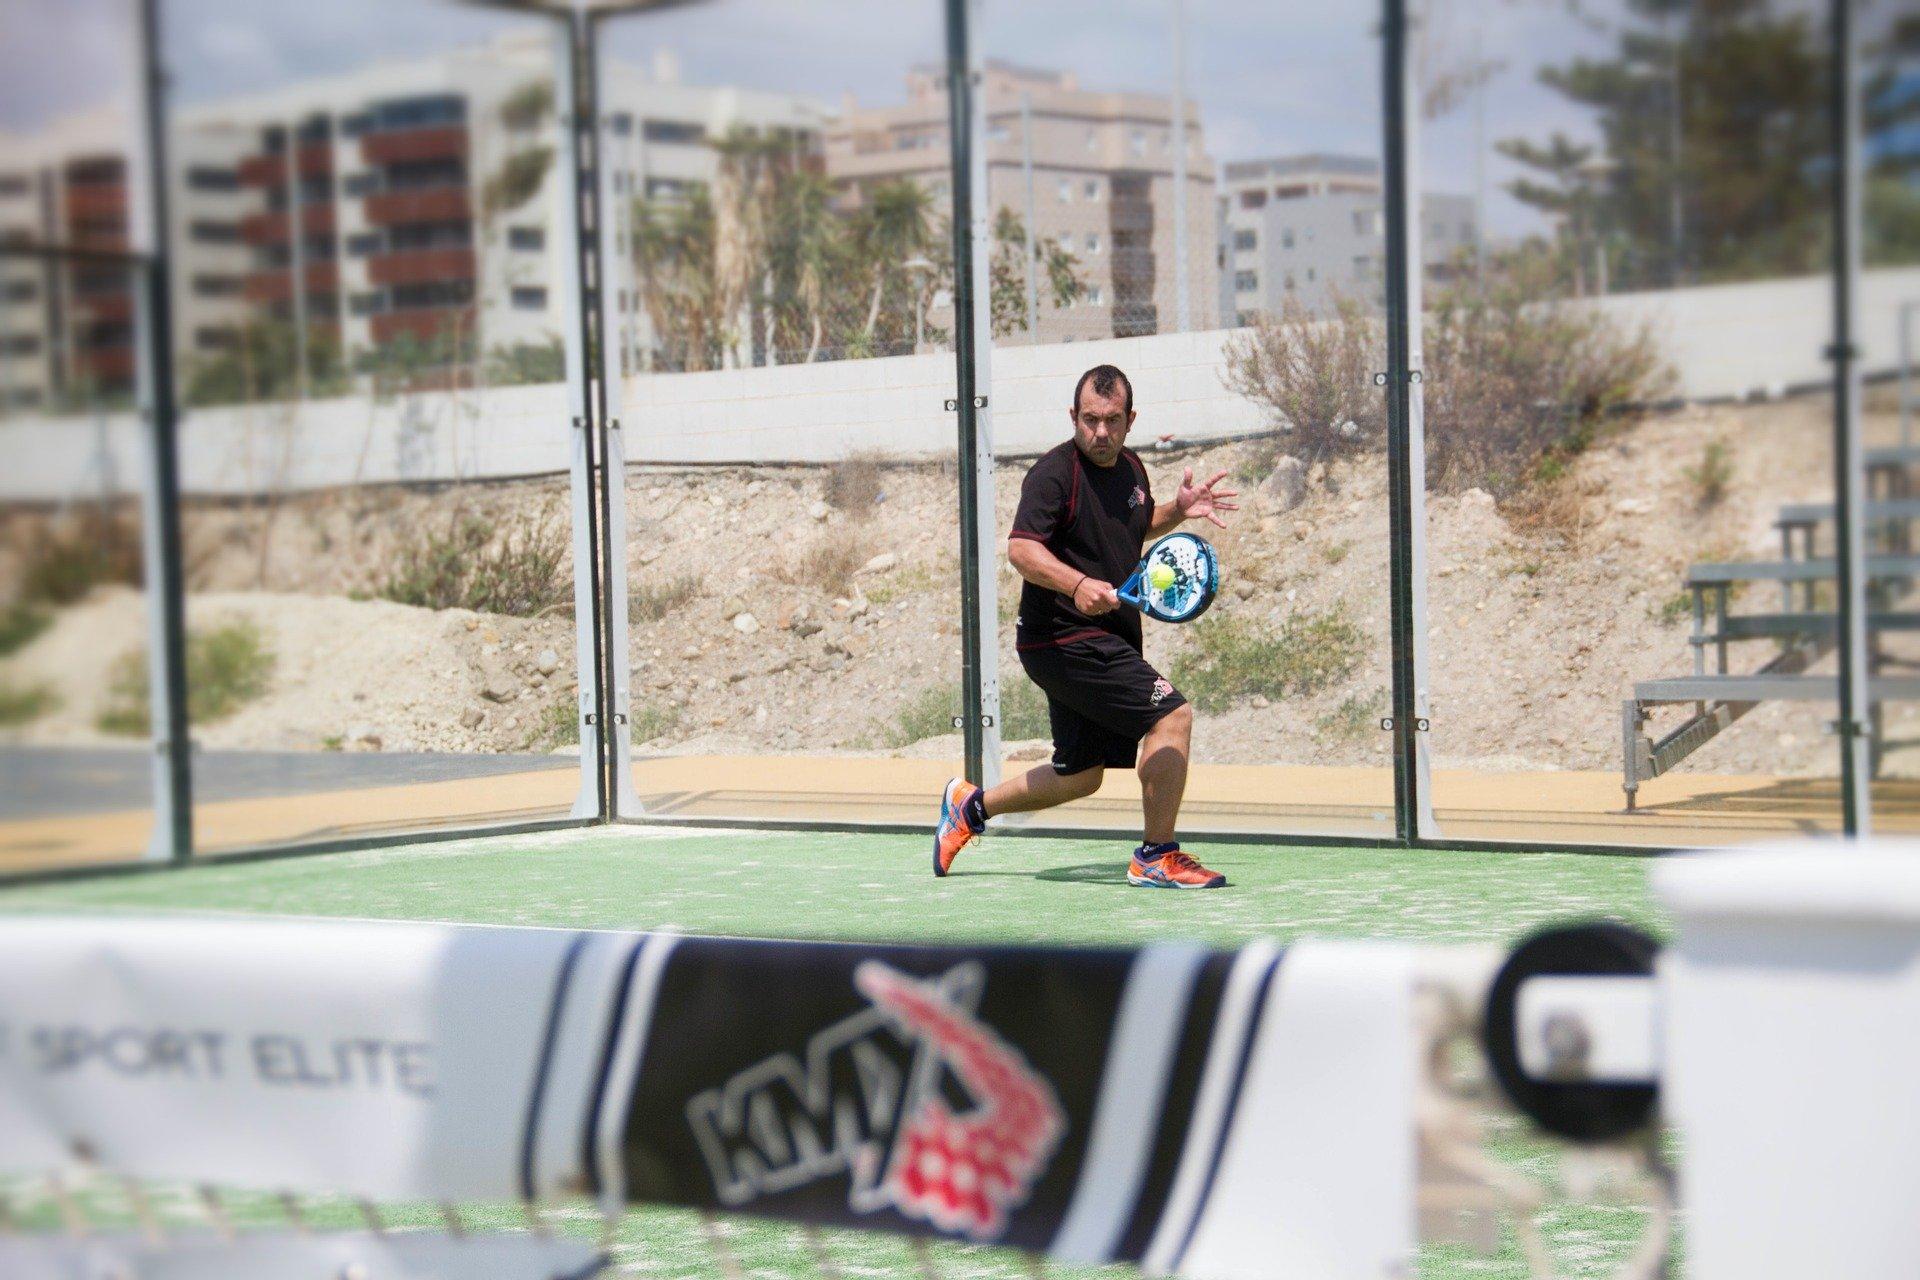 Hombre practicando deporte en una pista de pádel